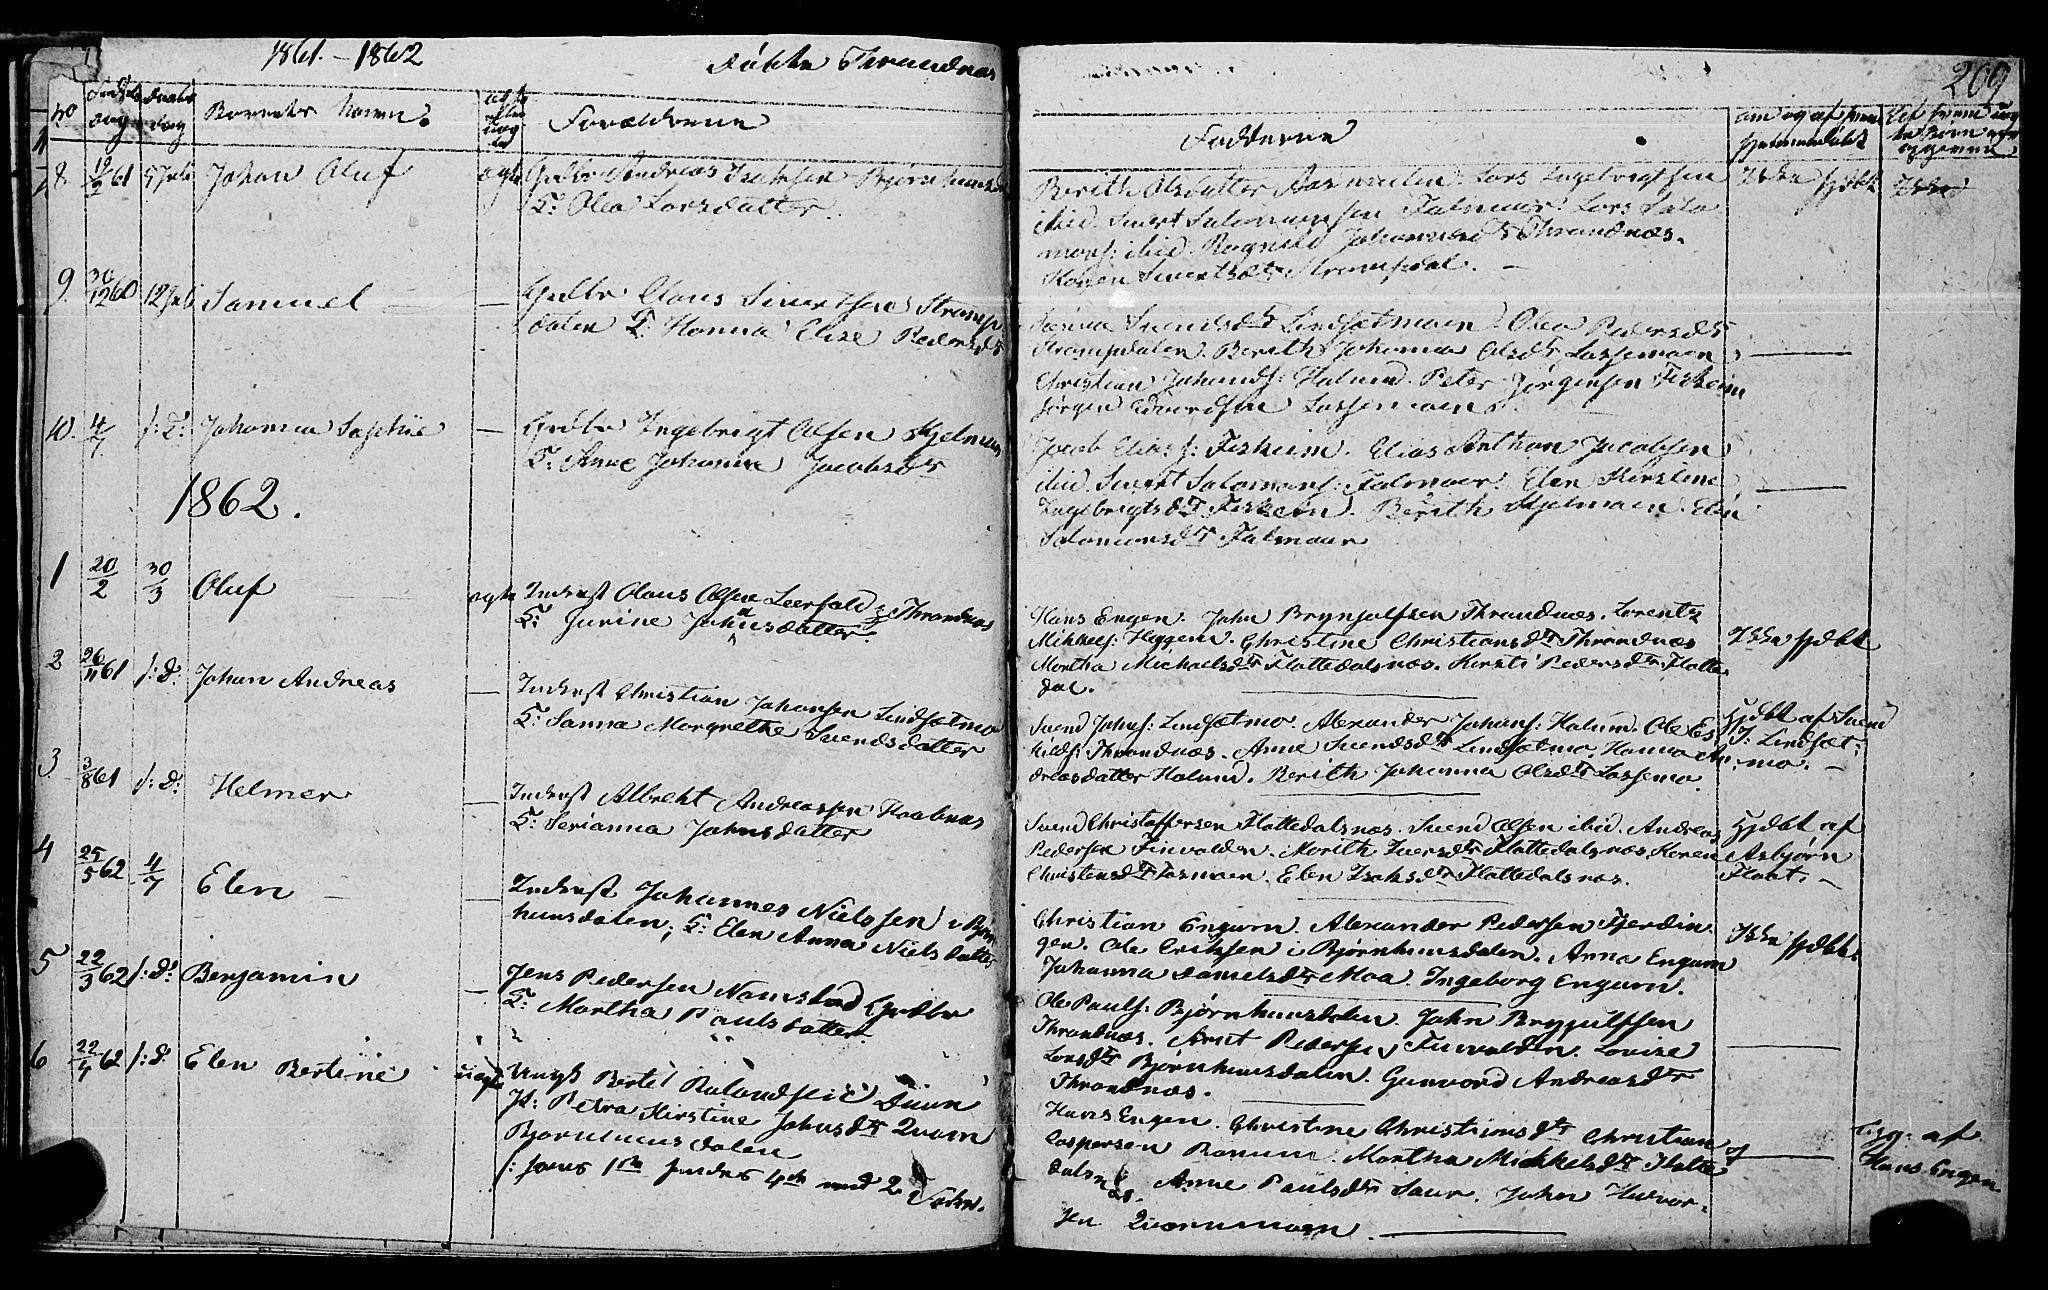 SAT, Ministerialprotokoller, klokkerbøker og fødselsregistre - Nord-Trøndelag, 762/L0538: Ministerialbok nr. 762A02 /2, 1833-1879, s. 209